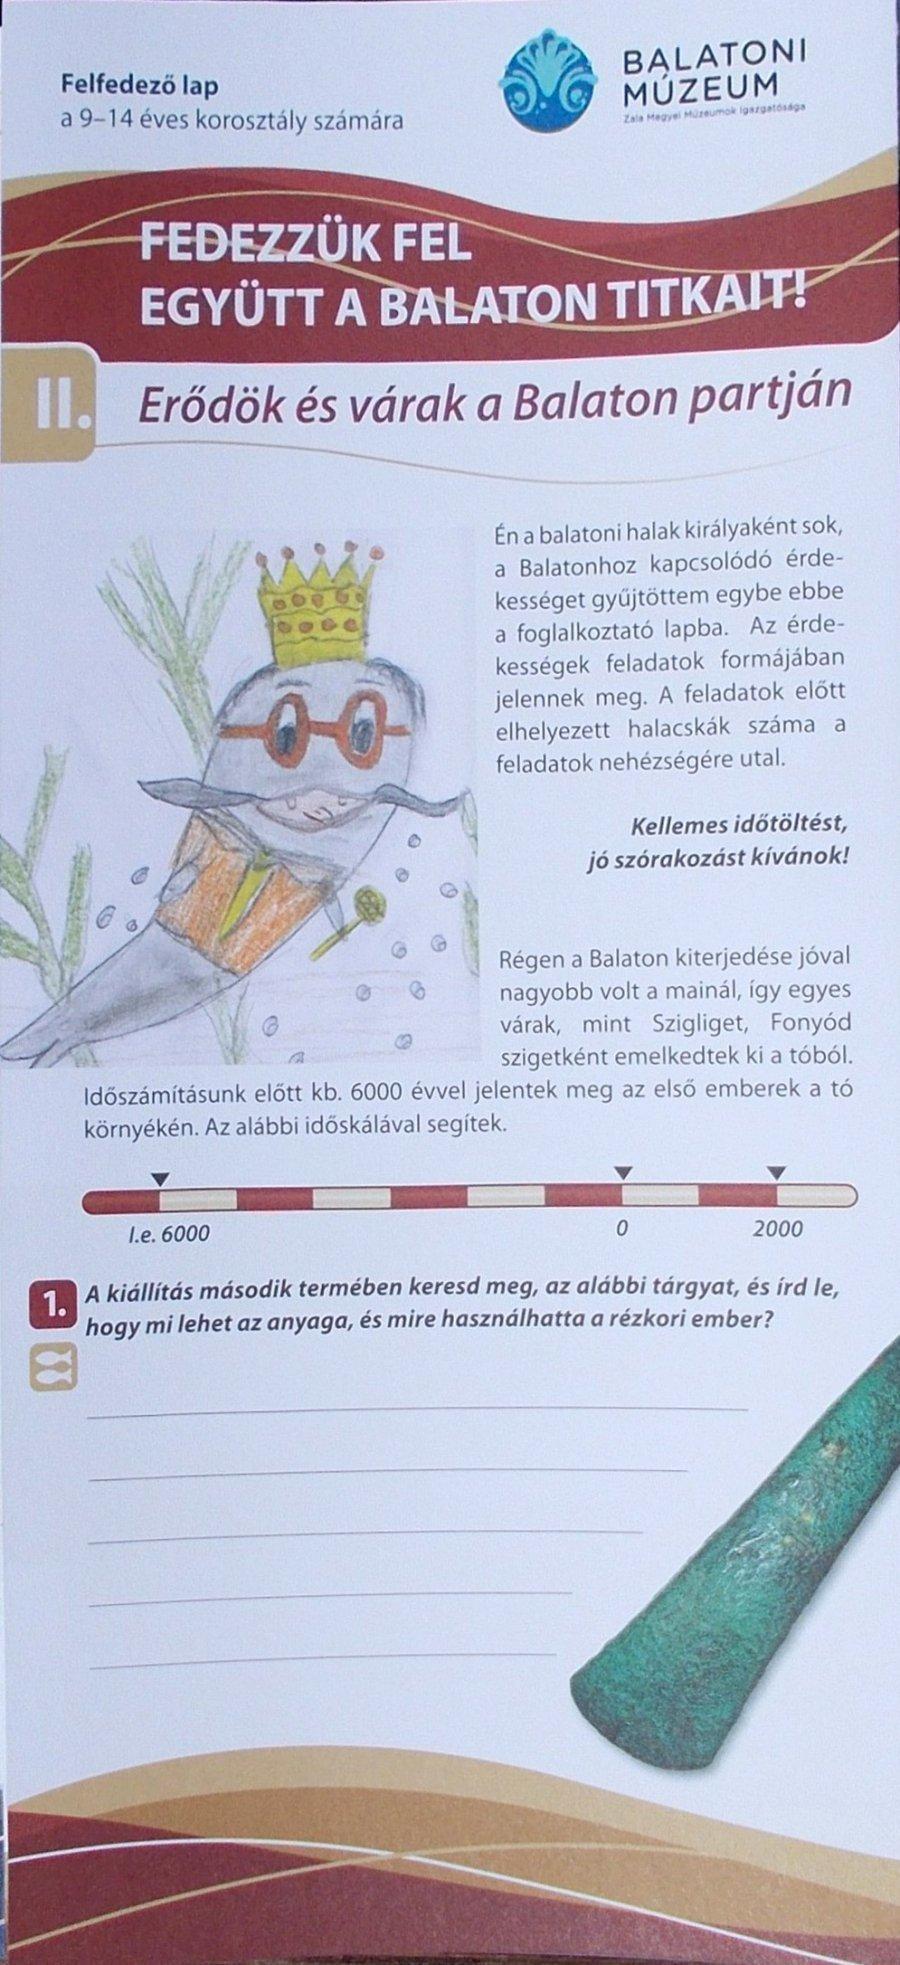 Fedezzük fel együtt a Balaton titkait! II Erődök és várak a Balaton partján